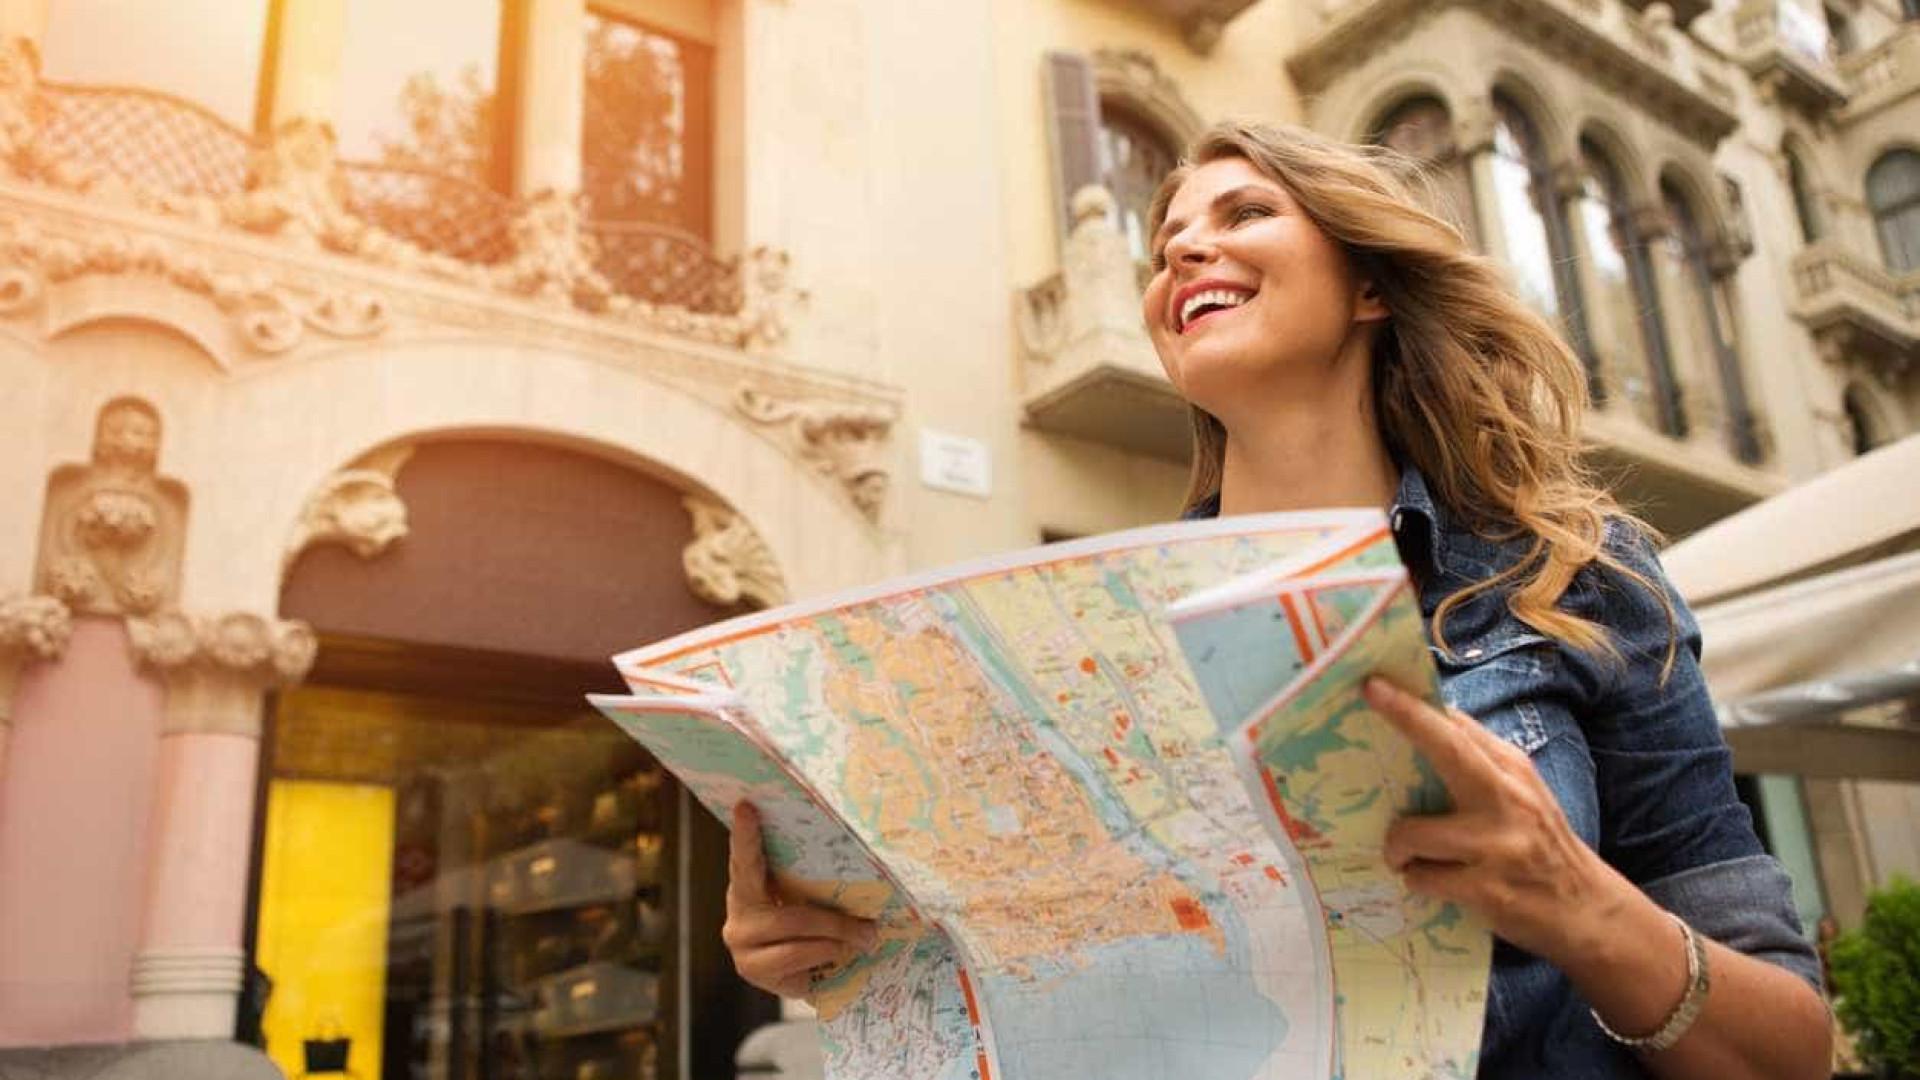 Turismo foi responsável por 7% do valor gerado pela economia em 2016